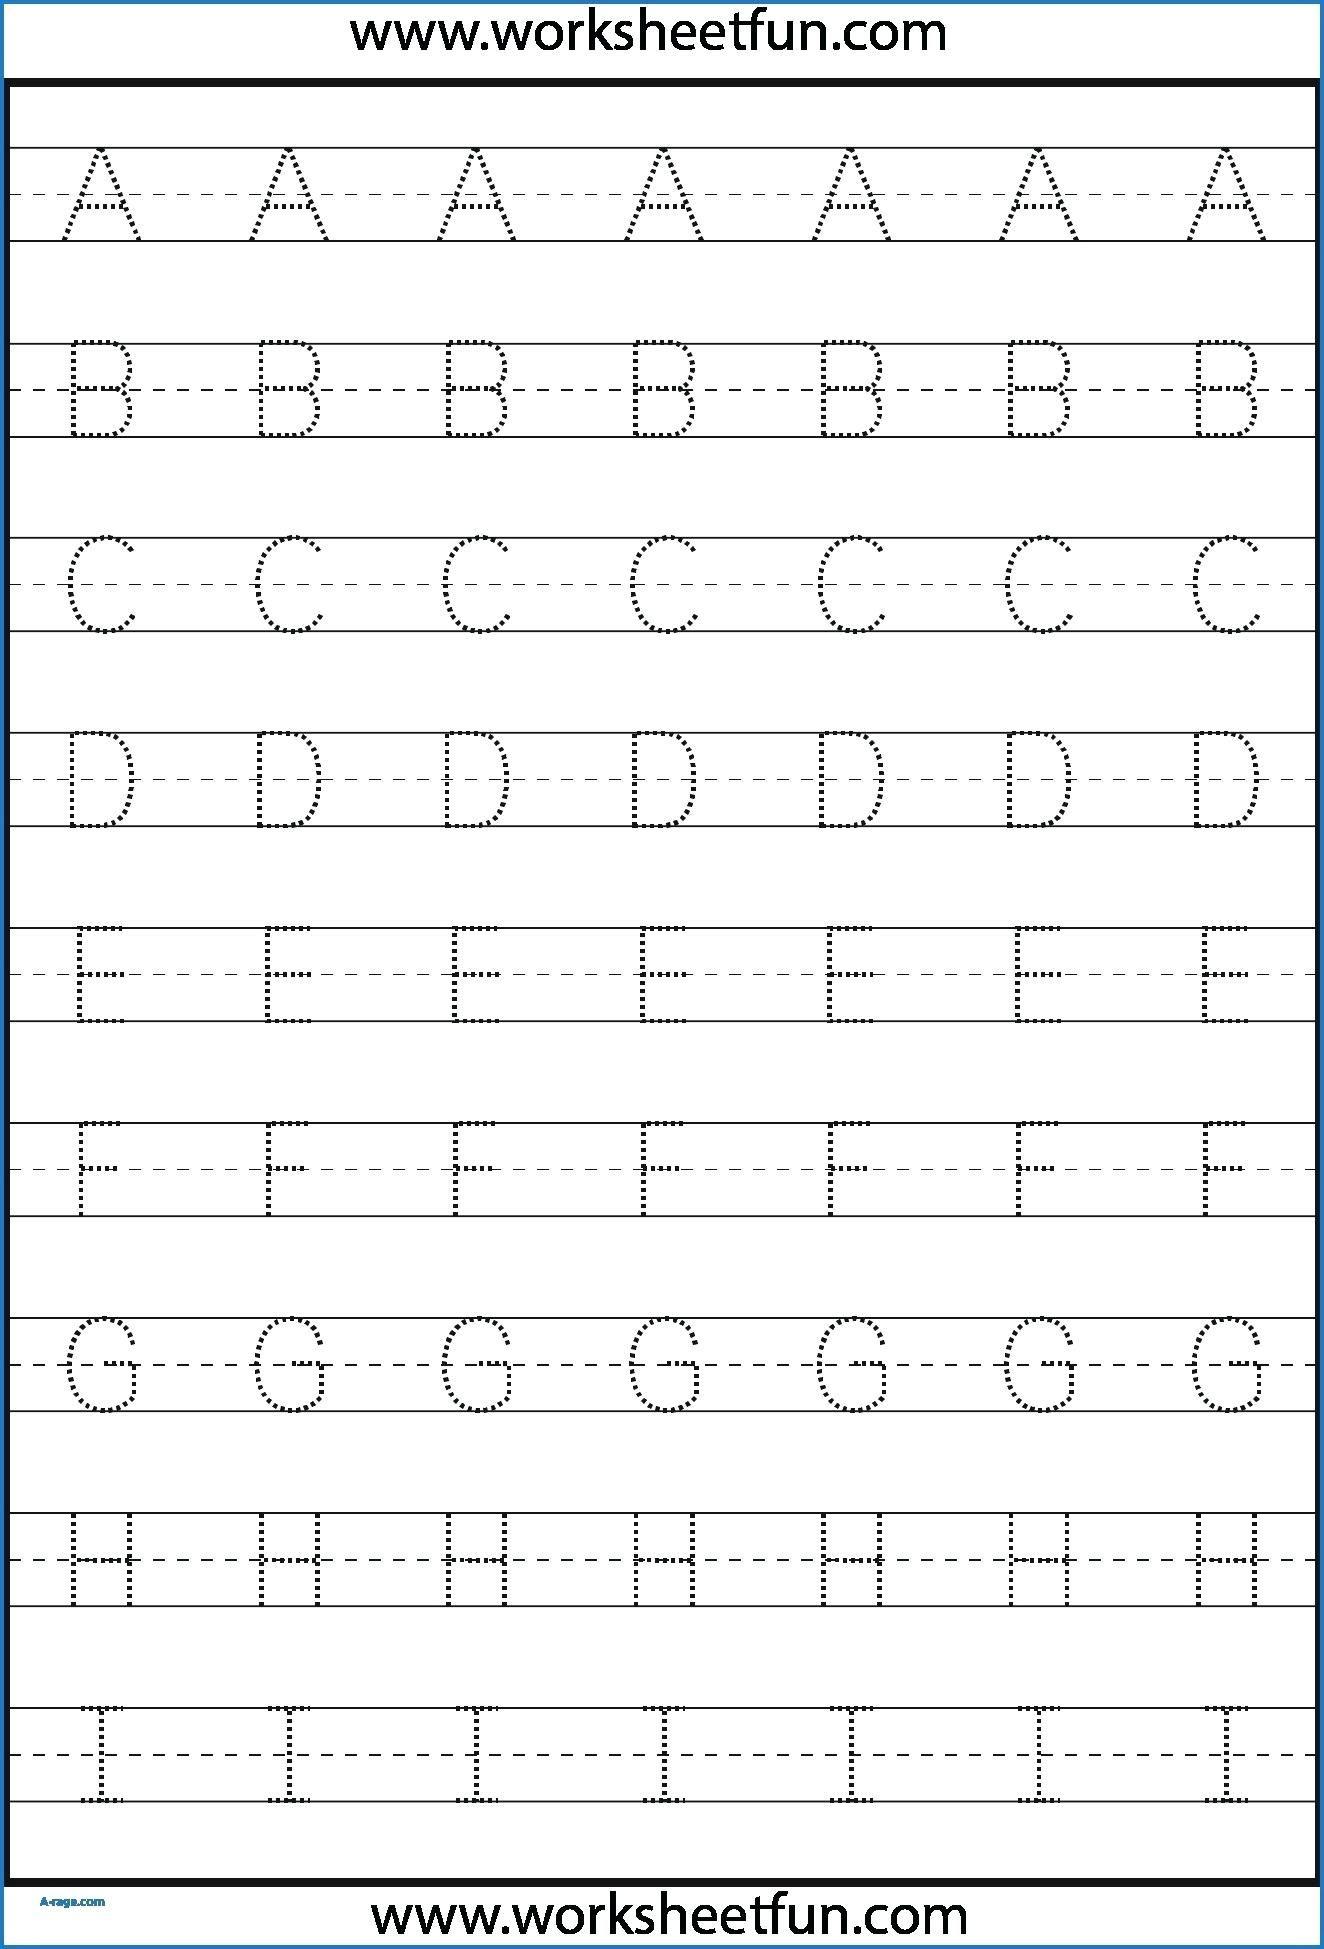 Kindergarten Letter Tracing Worksheets Pdf - Wallpaper Image intended for Letter Tracing Worksheets